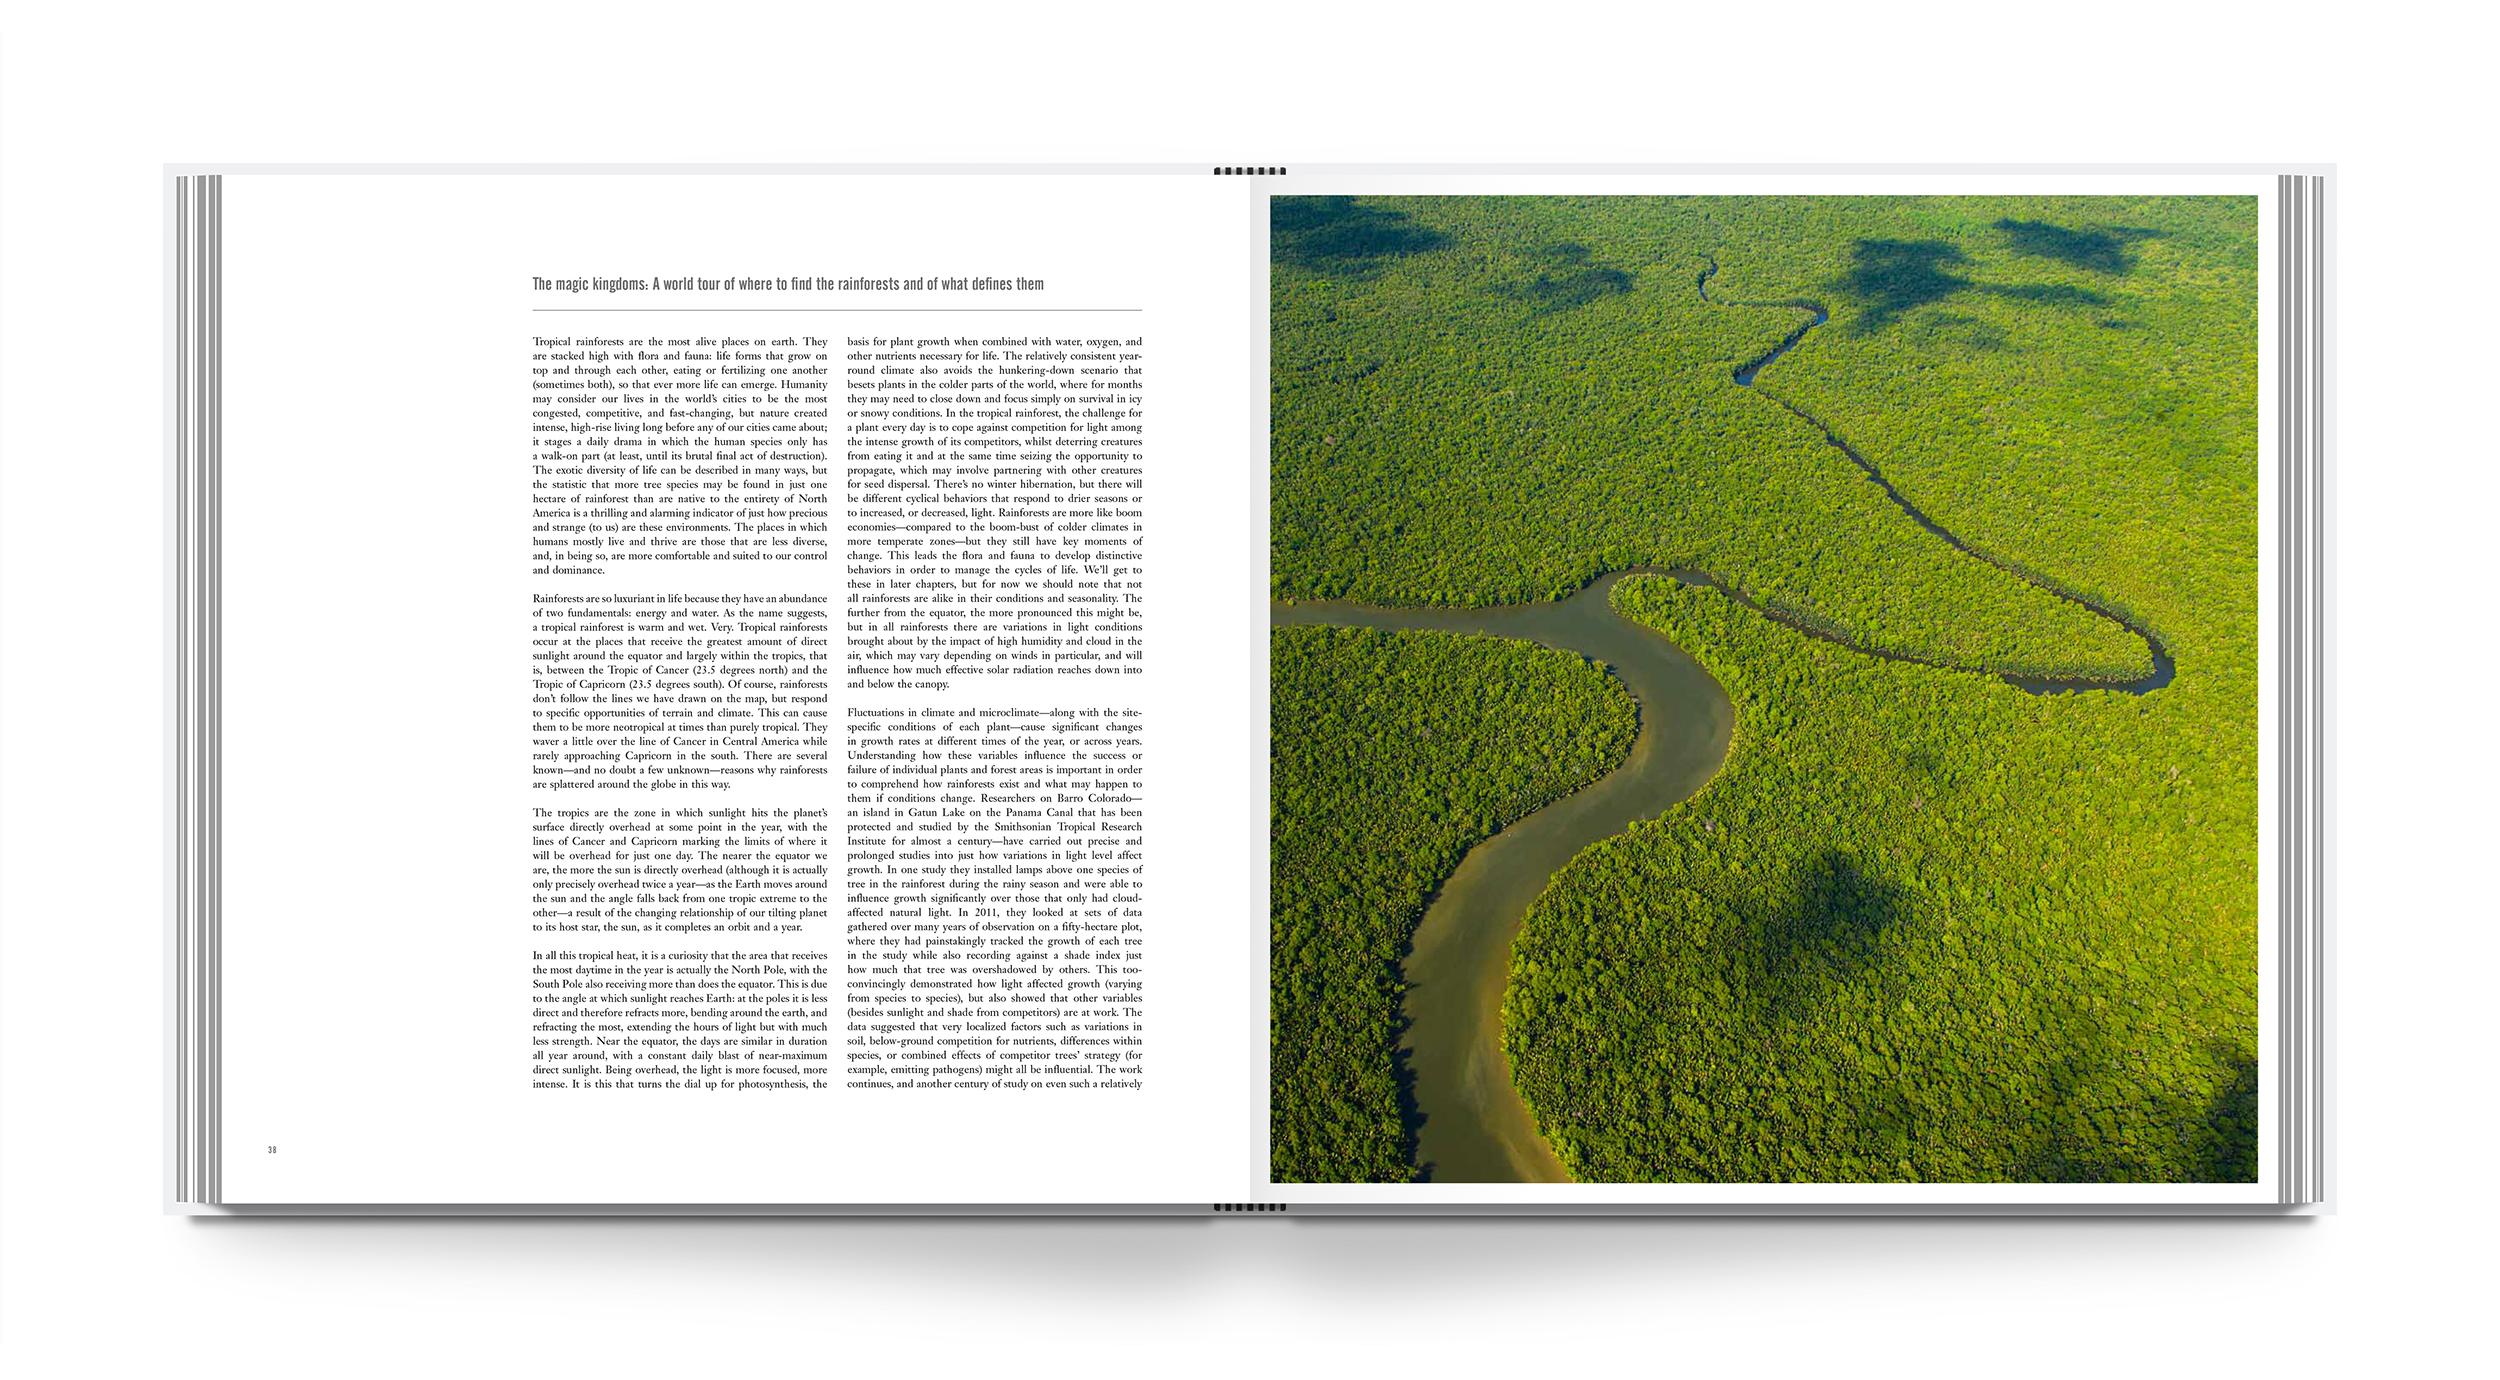 lb-rainforest-int-2.jpg